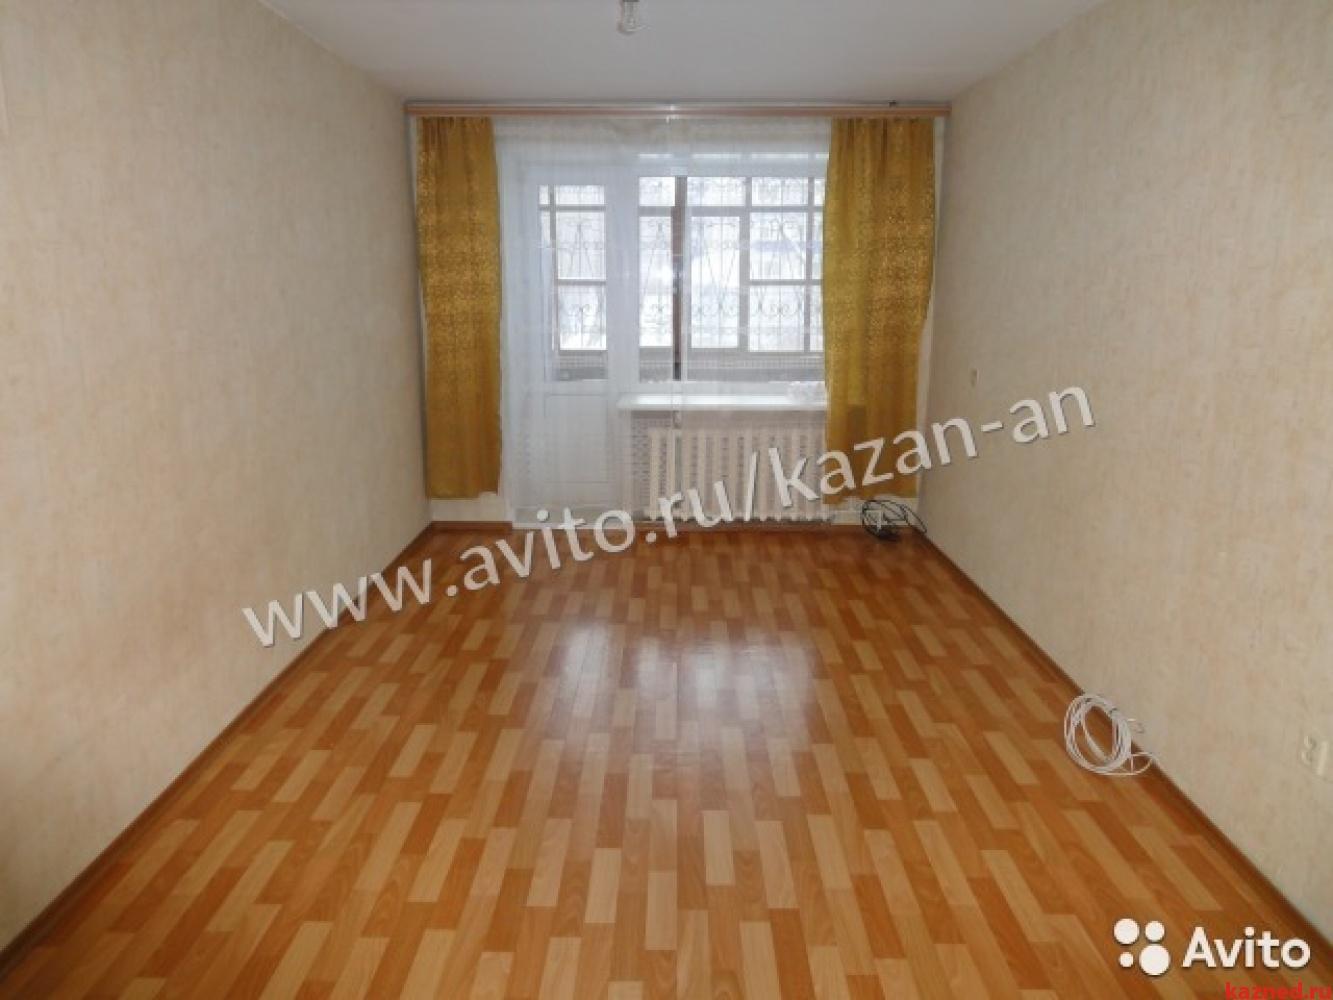 Продажа 1-к квартиры Восход ул, 3, 33 м2  (миниатюра №5)